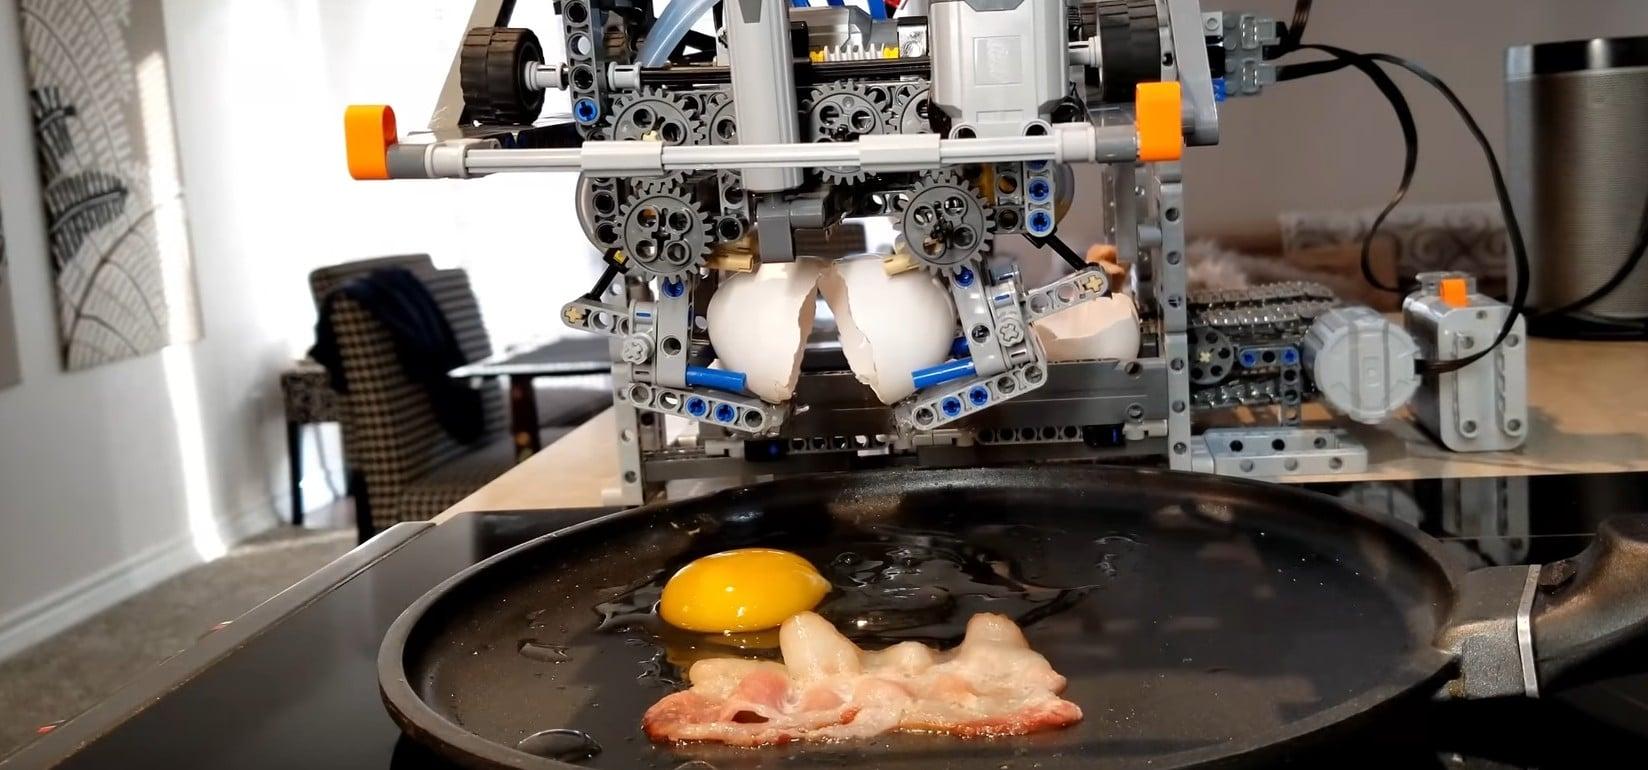 LEGO Breakfast Machine: Dieser Apparat macht euch Frühstück